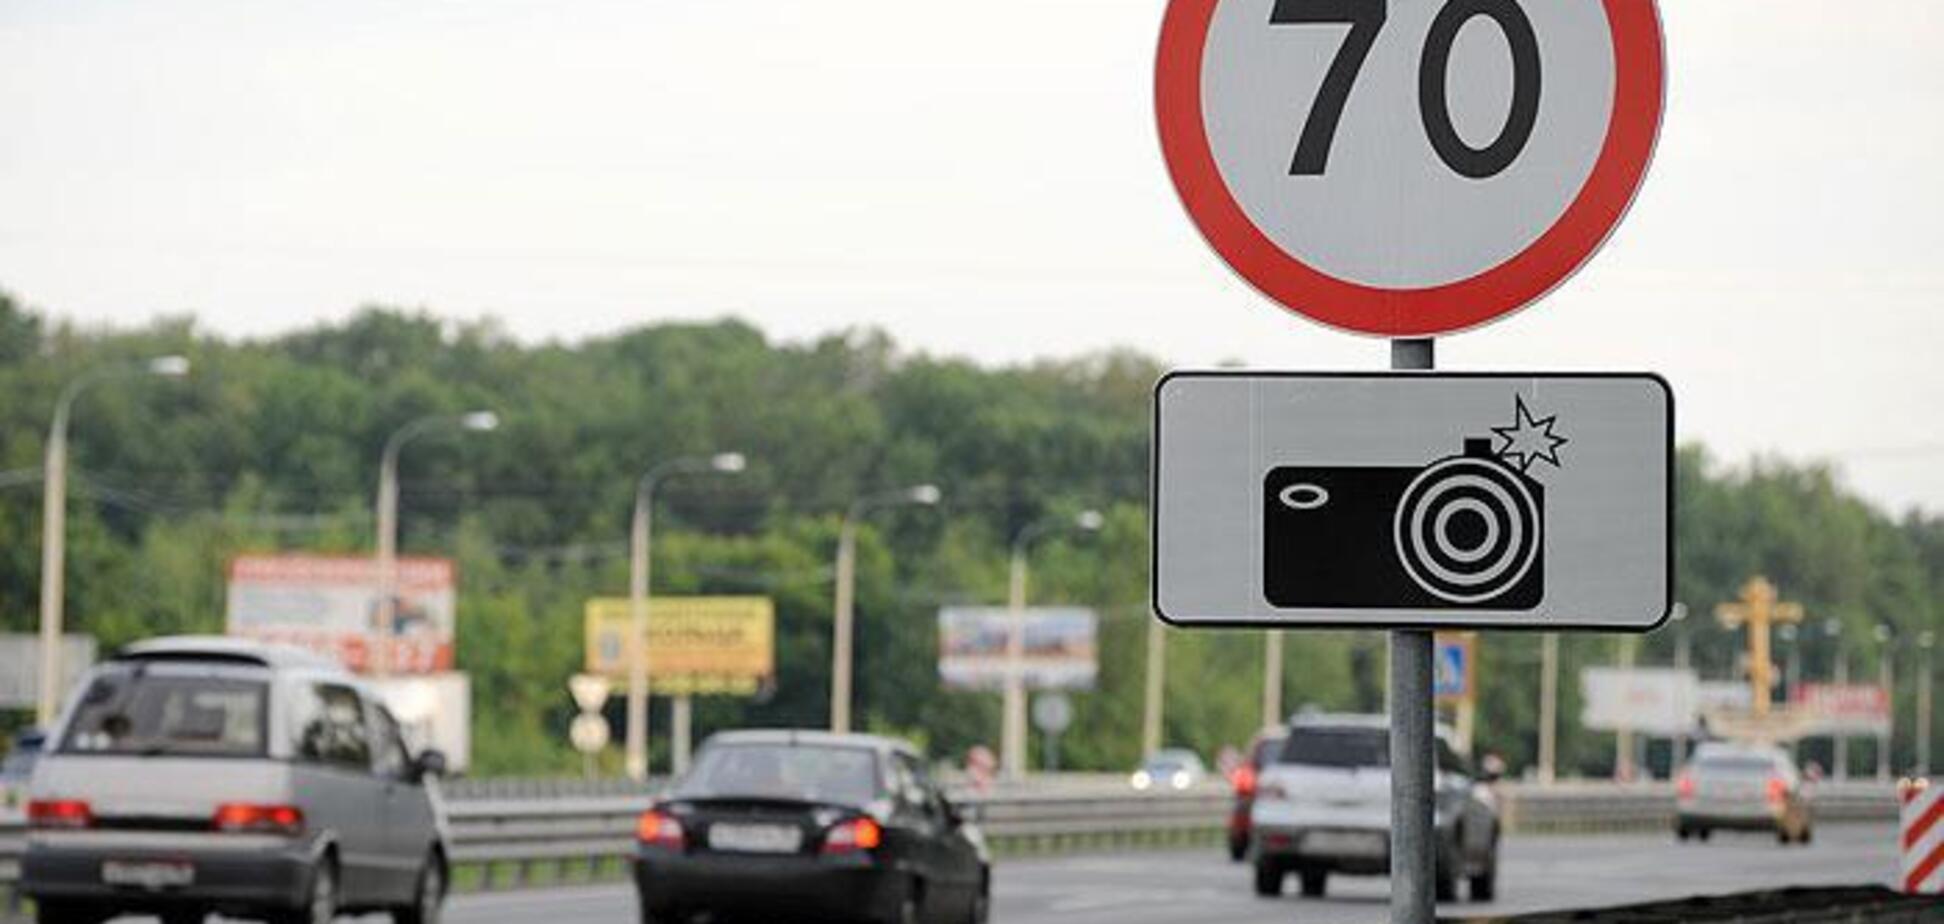 В Украине введут фото- и видеофиксацию на дорогах: Кабмин дал ''зеленый свет''